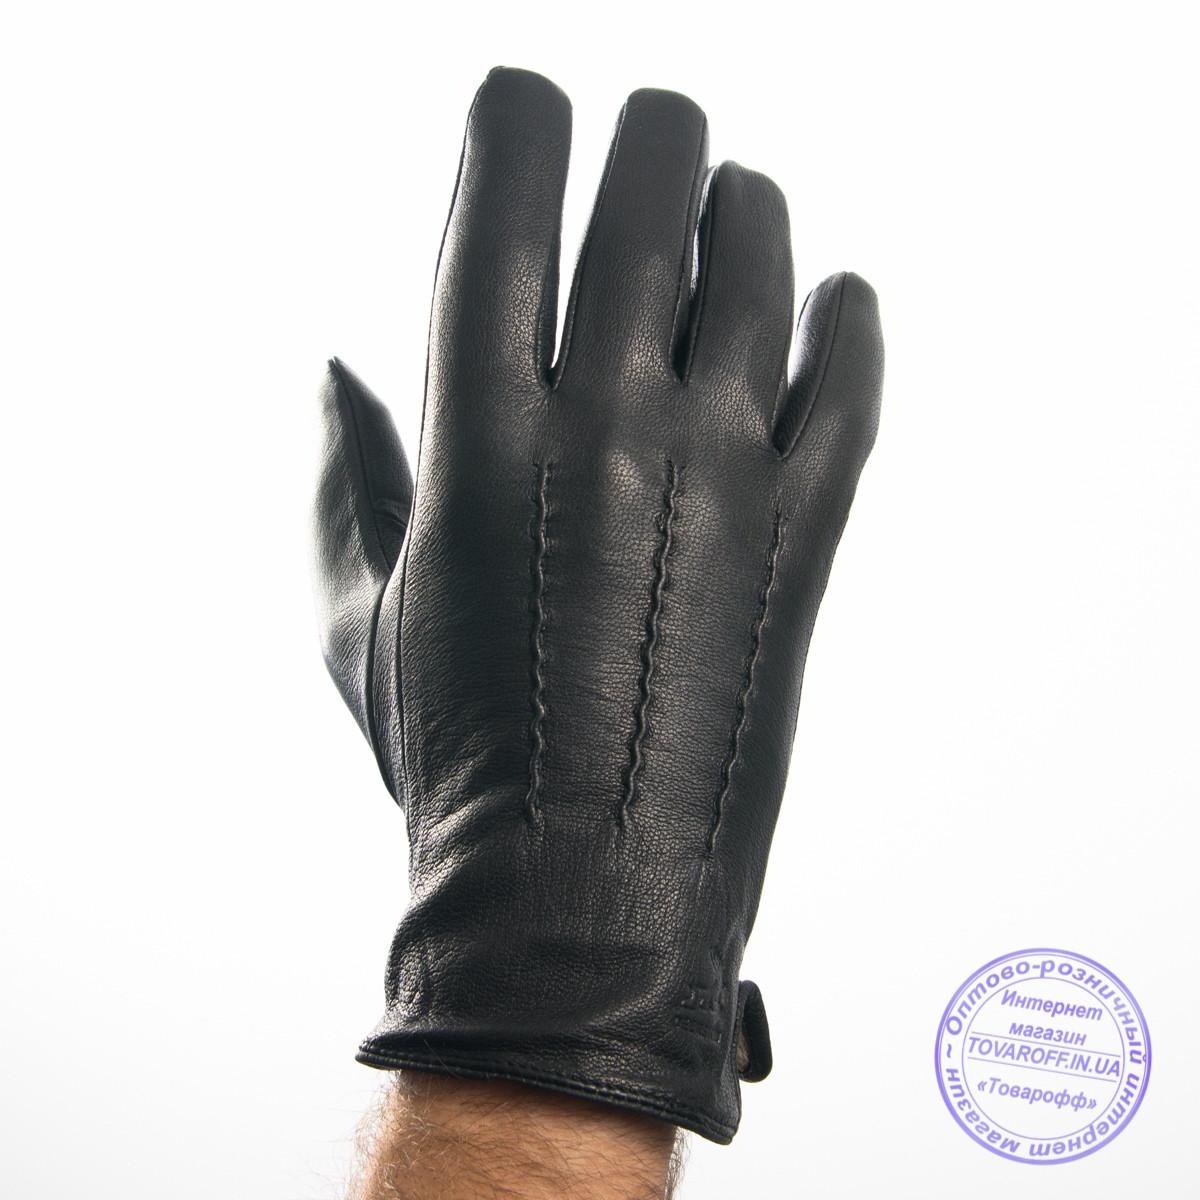 Оптом мужские кожаные перчатки из оленьей кожи с шерстяной подкладкой - №M31-4